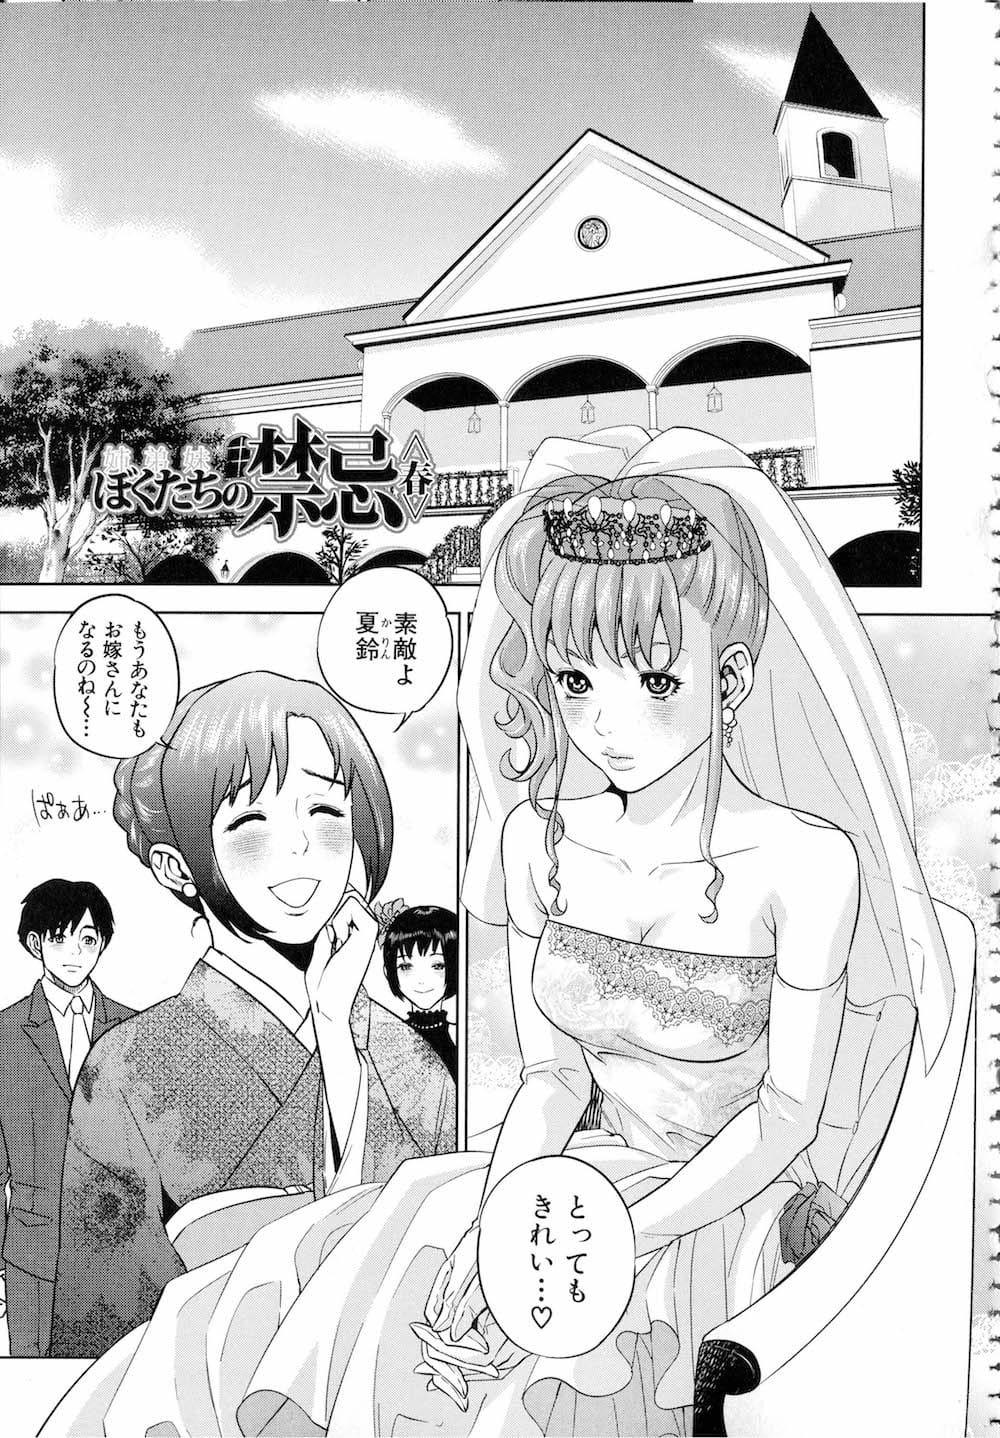 【エロ漫画・同人誌】結婚式直前のウエディングドレス姿の姉とセックスした弟が家でもうひとりの姉も犯すwww 001